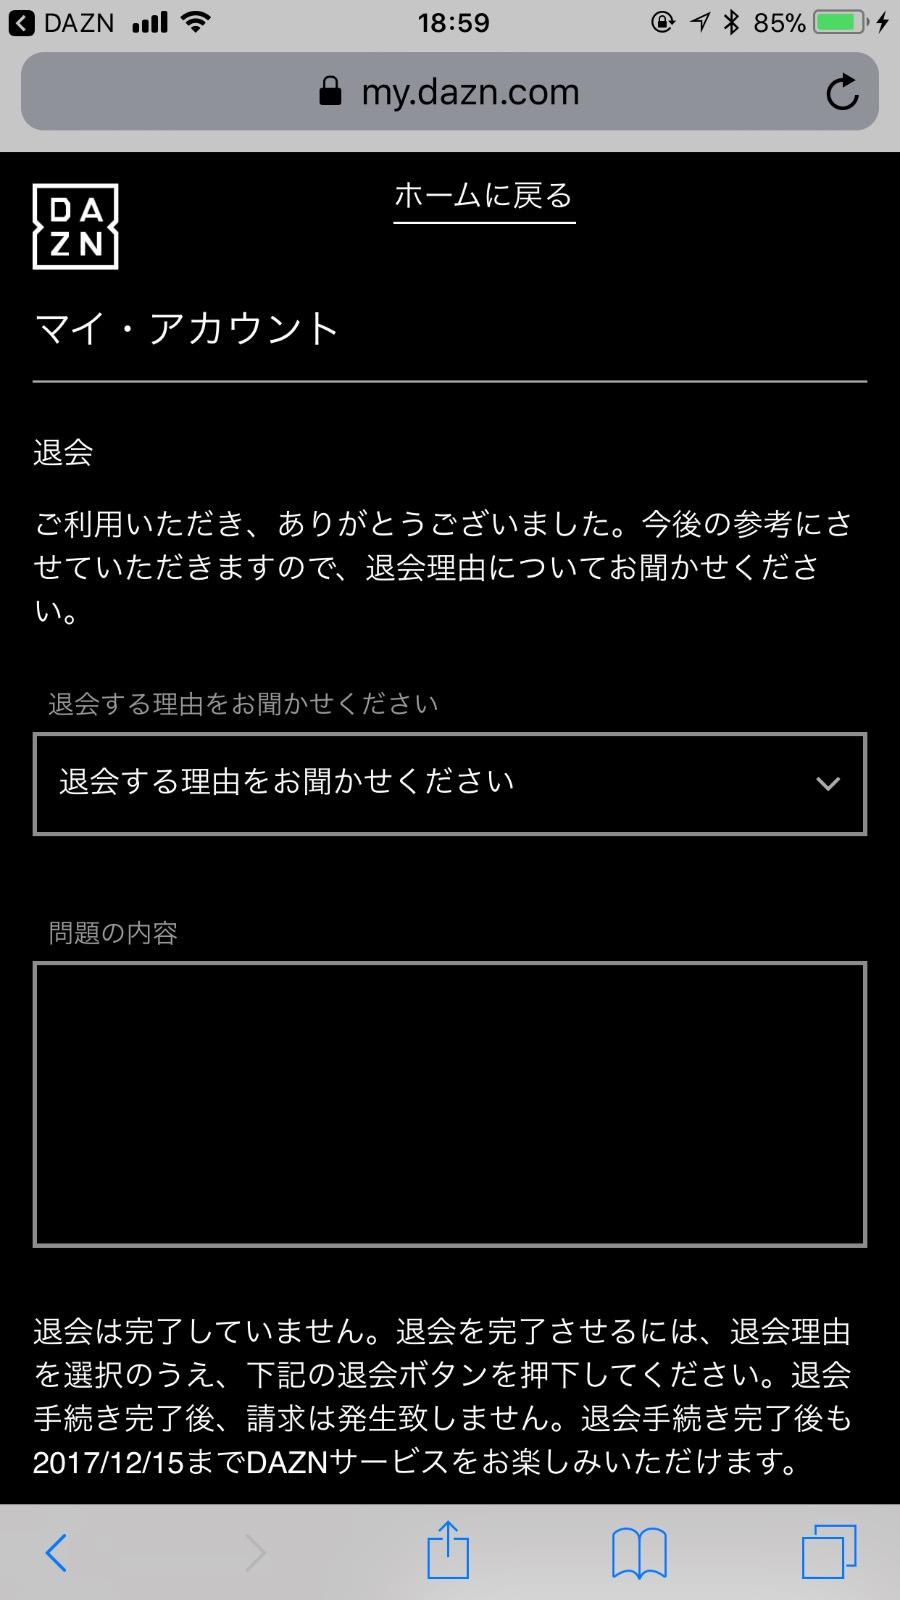 ダゾーン解約方法 5939